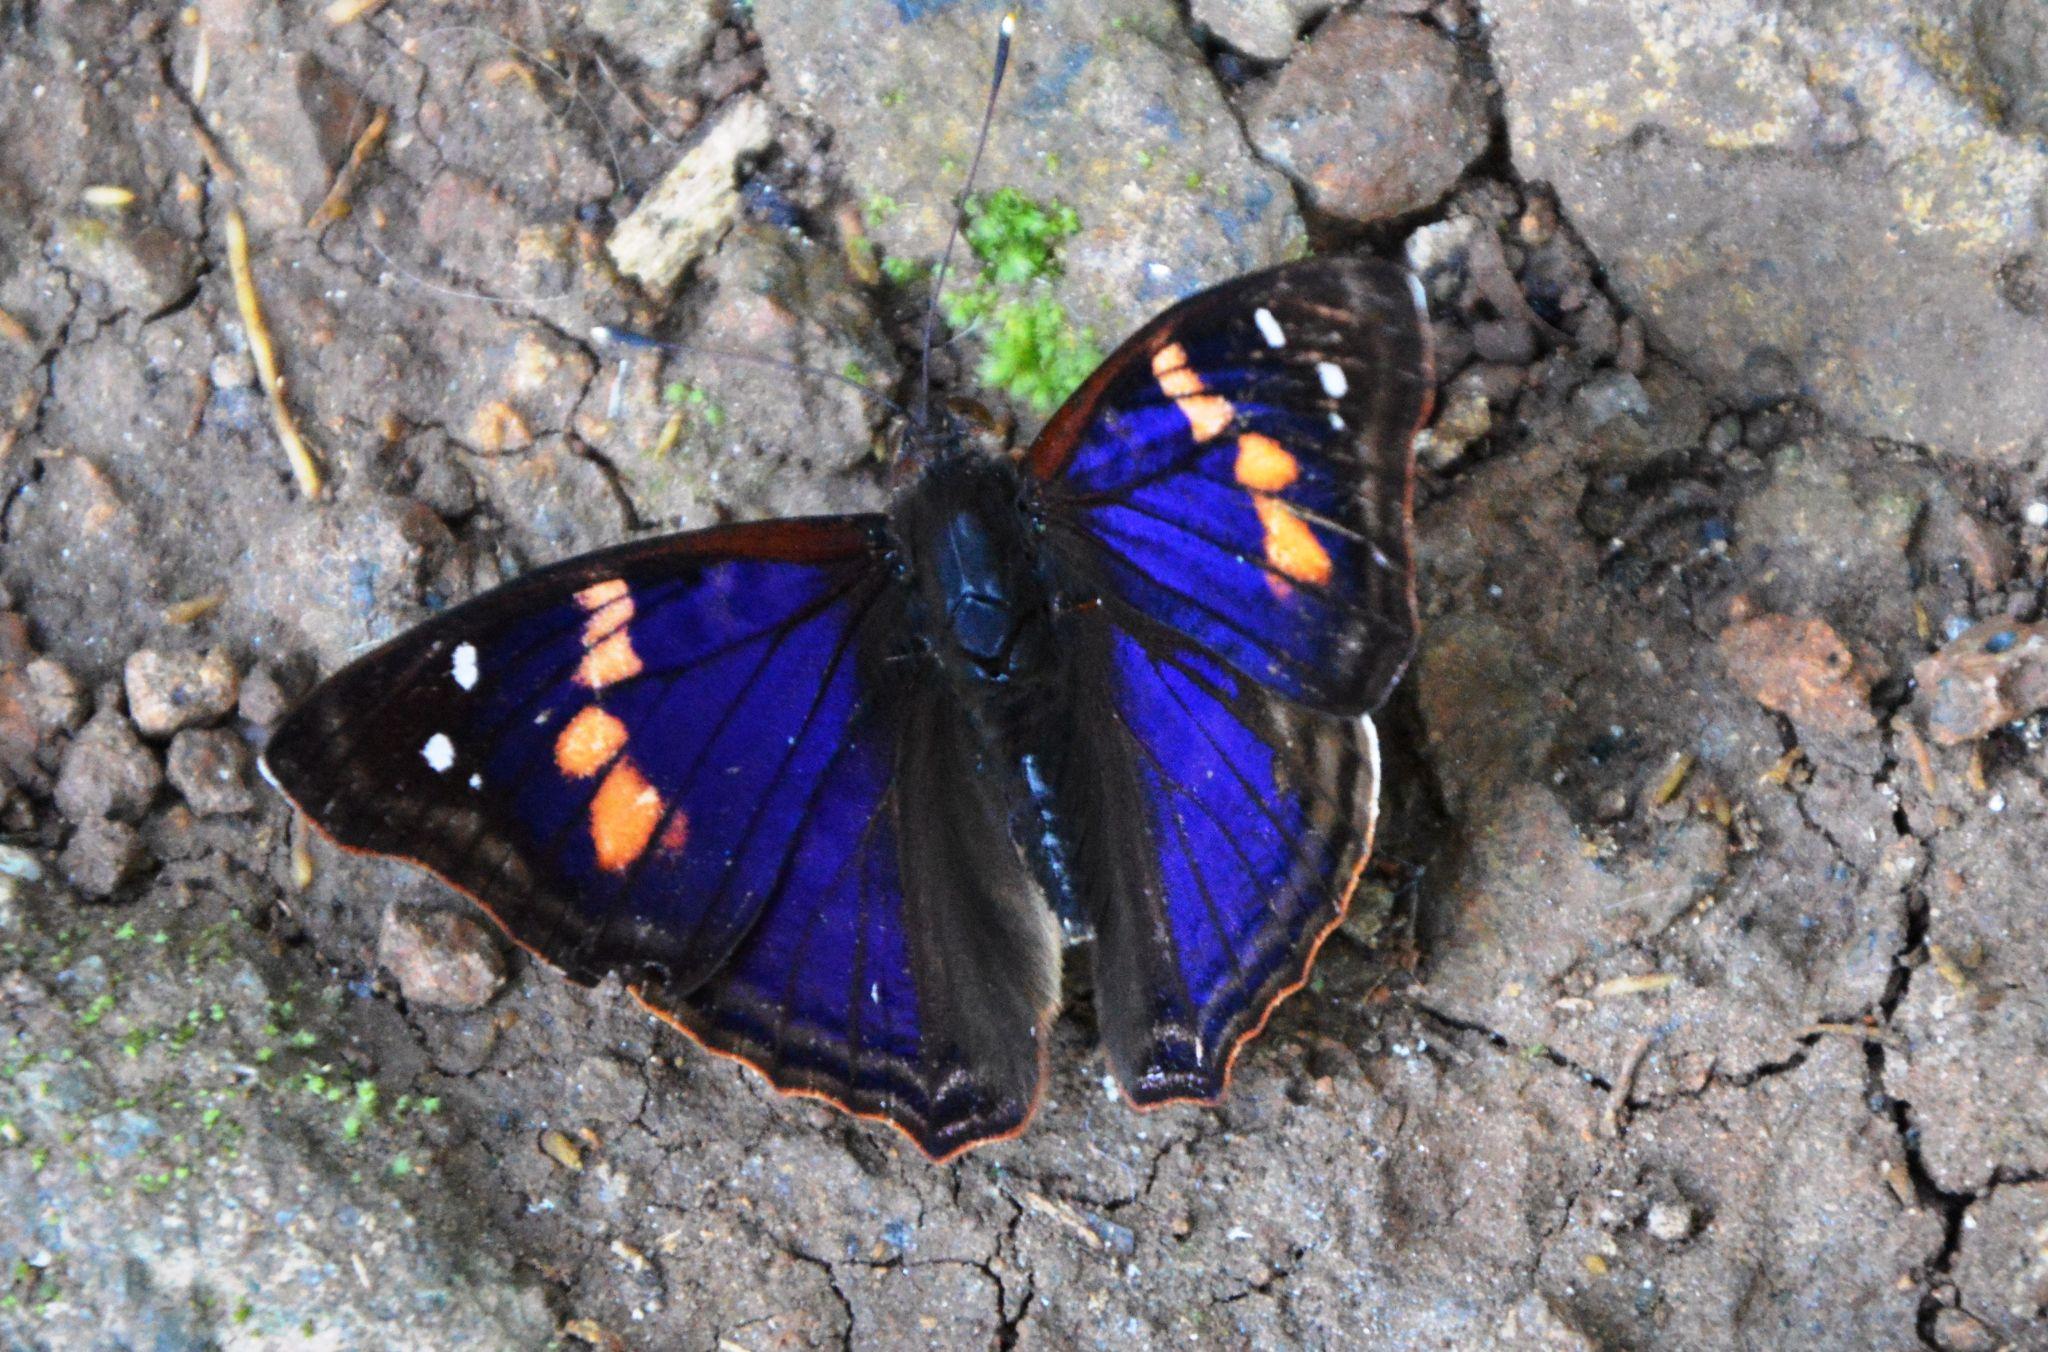 Brasil - Butterfly by frankska63